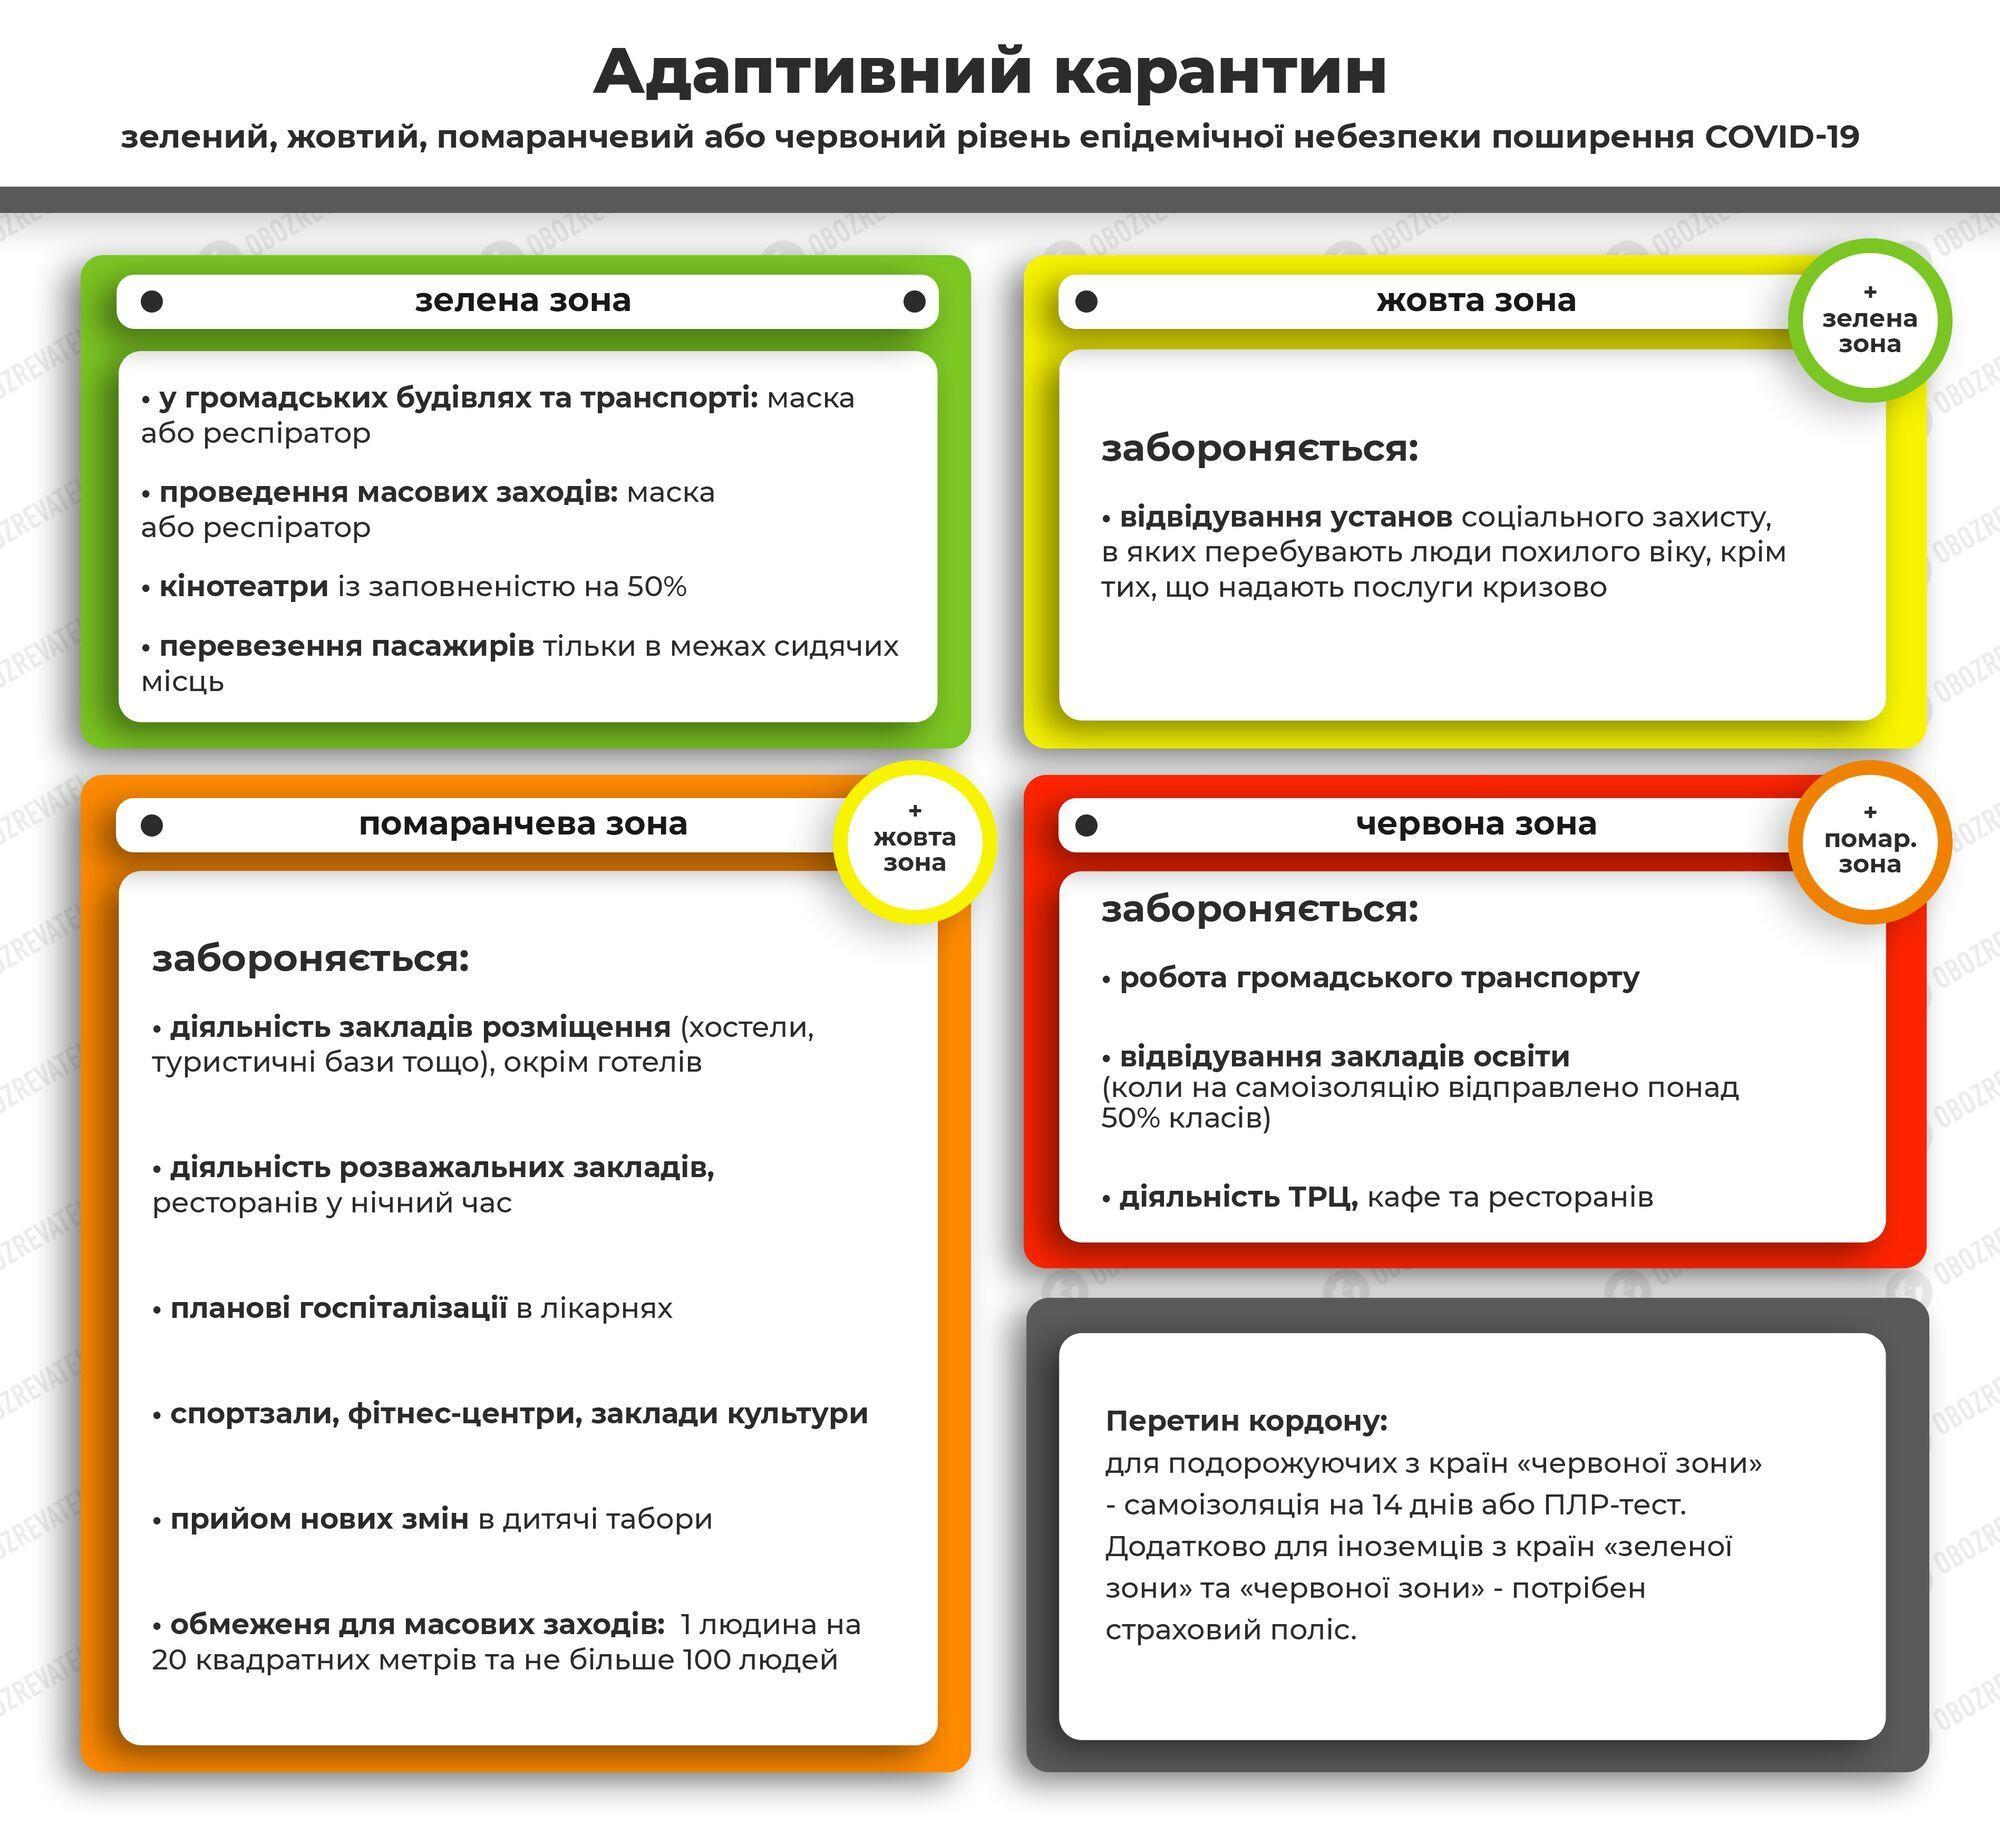 Зоны карантина в Украине.